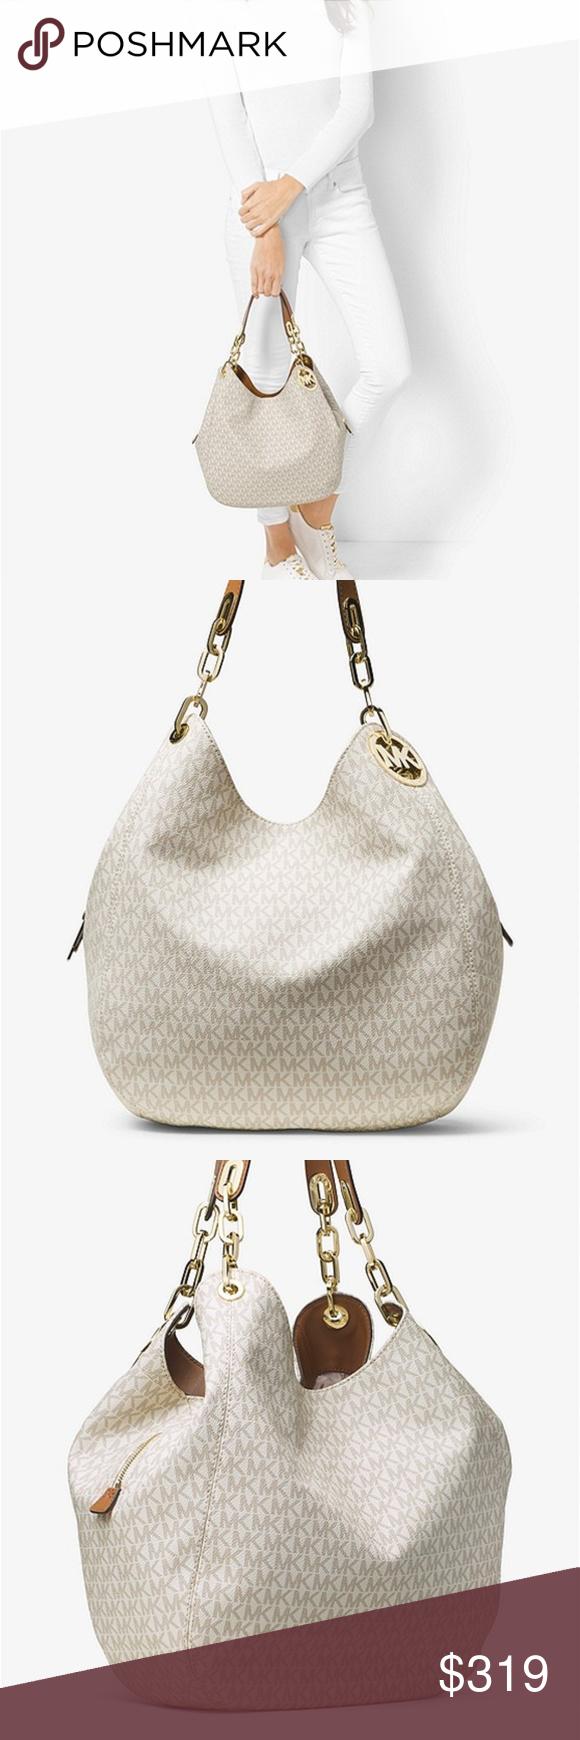 30a1c3f55ec63a Michael Kors Fulton Large Signature Shoulder Bag This handbag comes from Michael  Kors. This bag